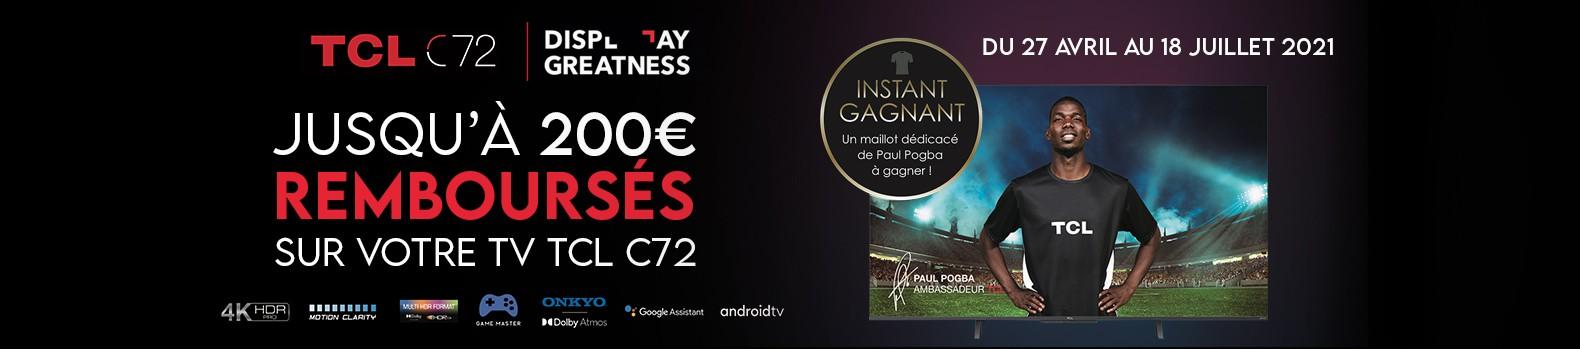 Jusqu'à 200€ remboursés pour l'achat d'un TV TCL C725 !